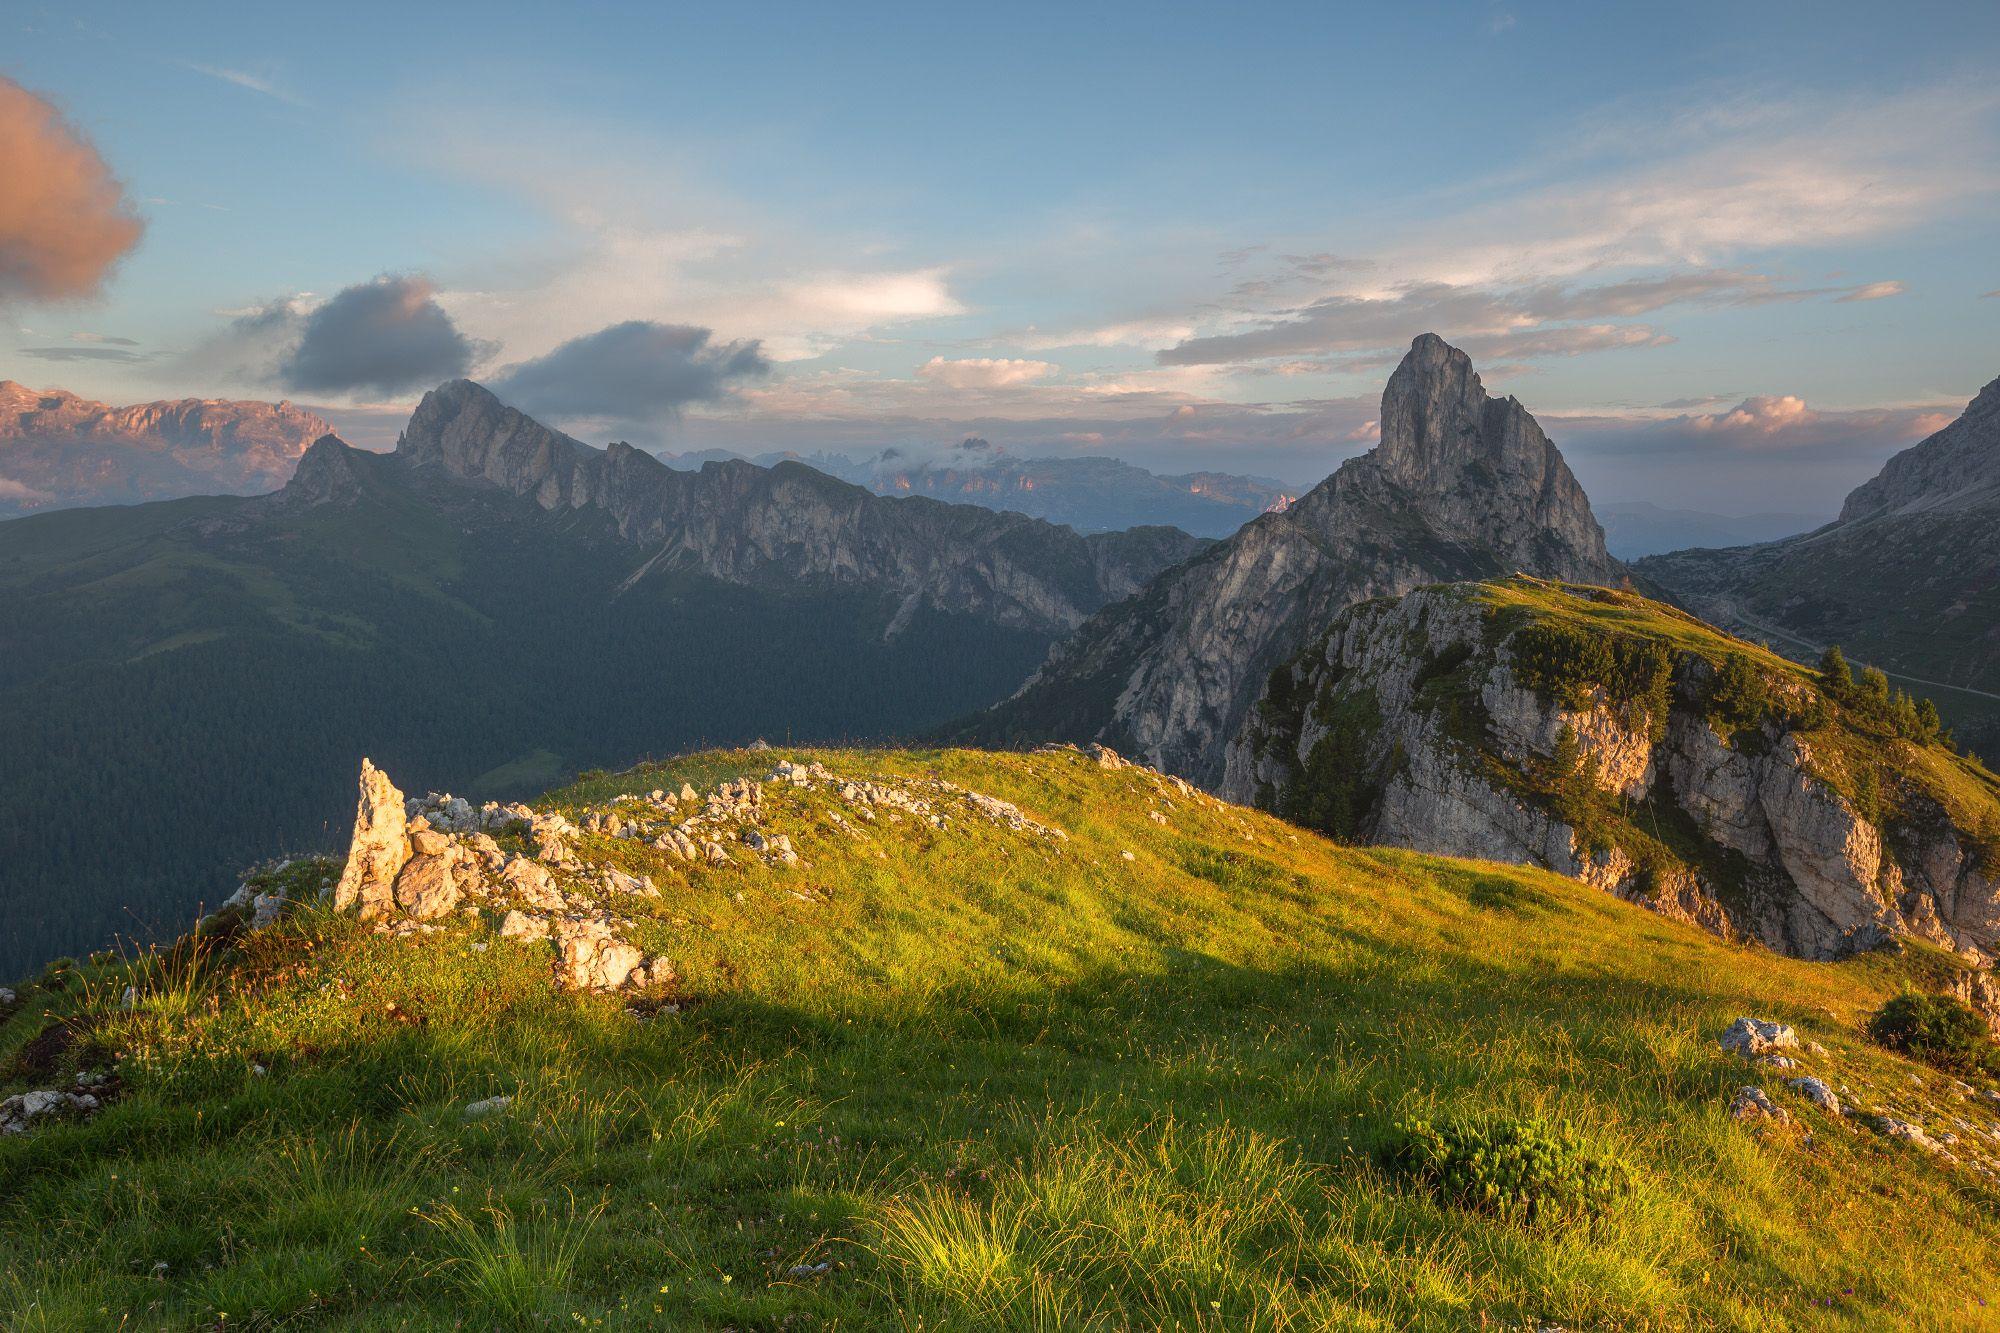 италия, доломиты, горы, облака, восход, природа, landscape, italy, dolomites, golden hour, golden light, sunrise, Финенко Геннадий